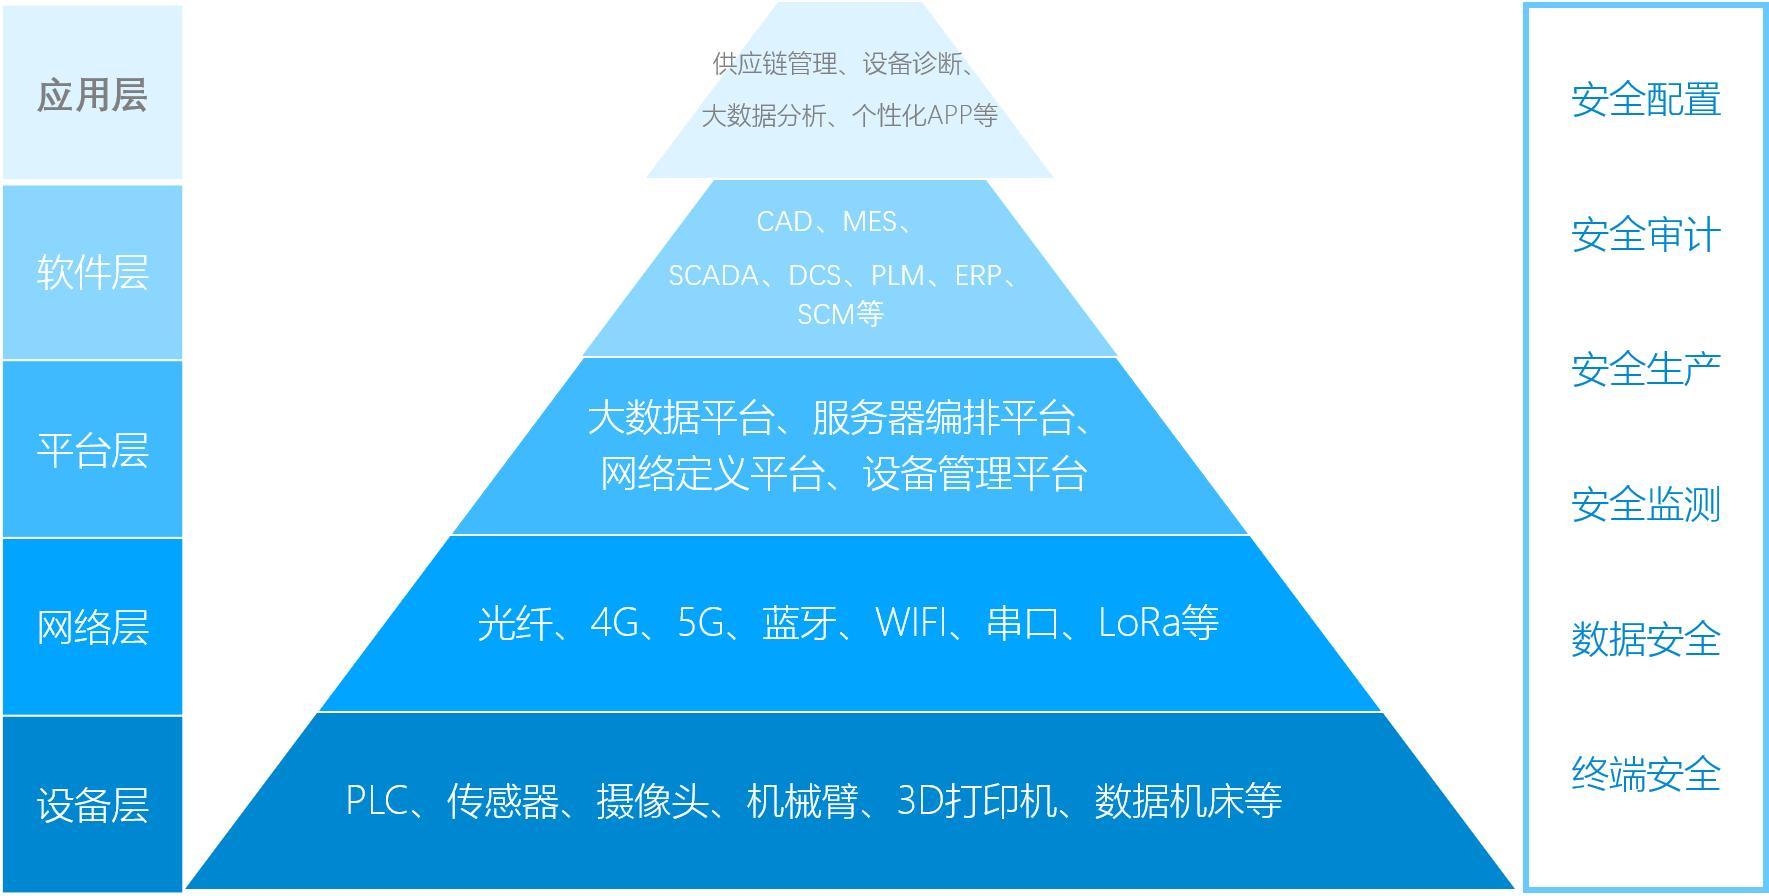 【深度】一文看懂工业互联网与工业物联网